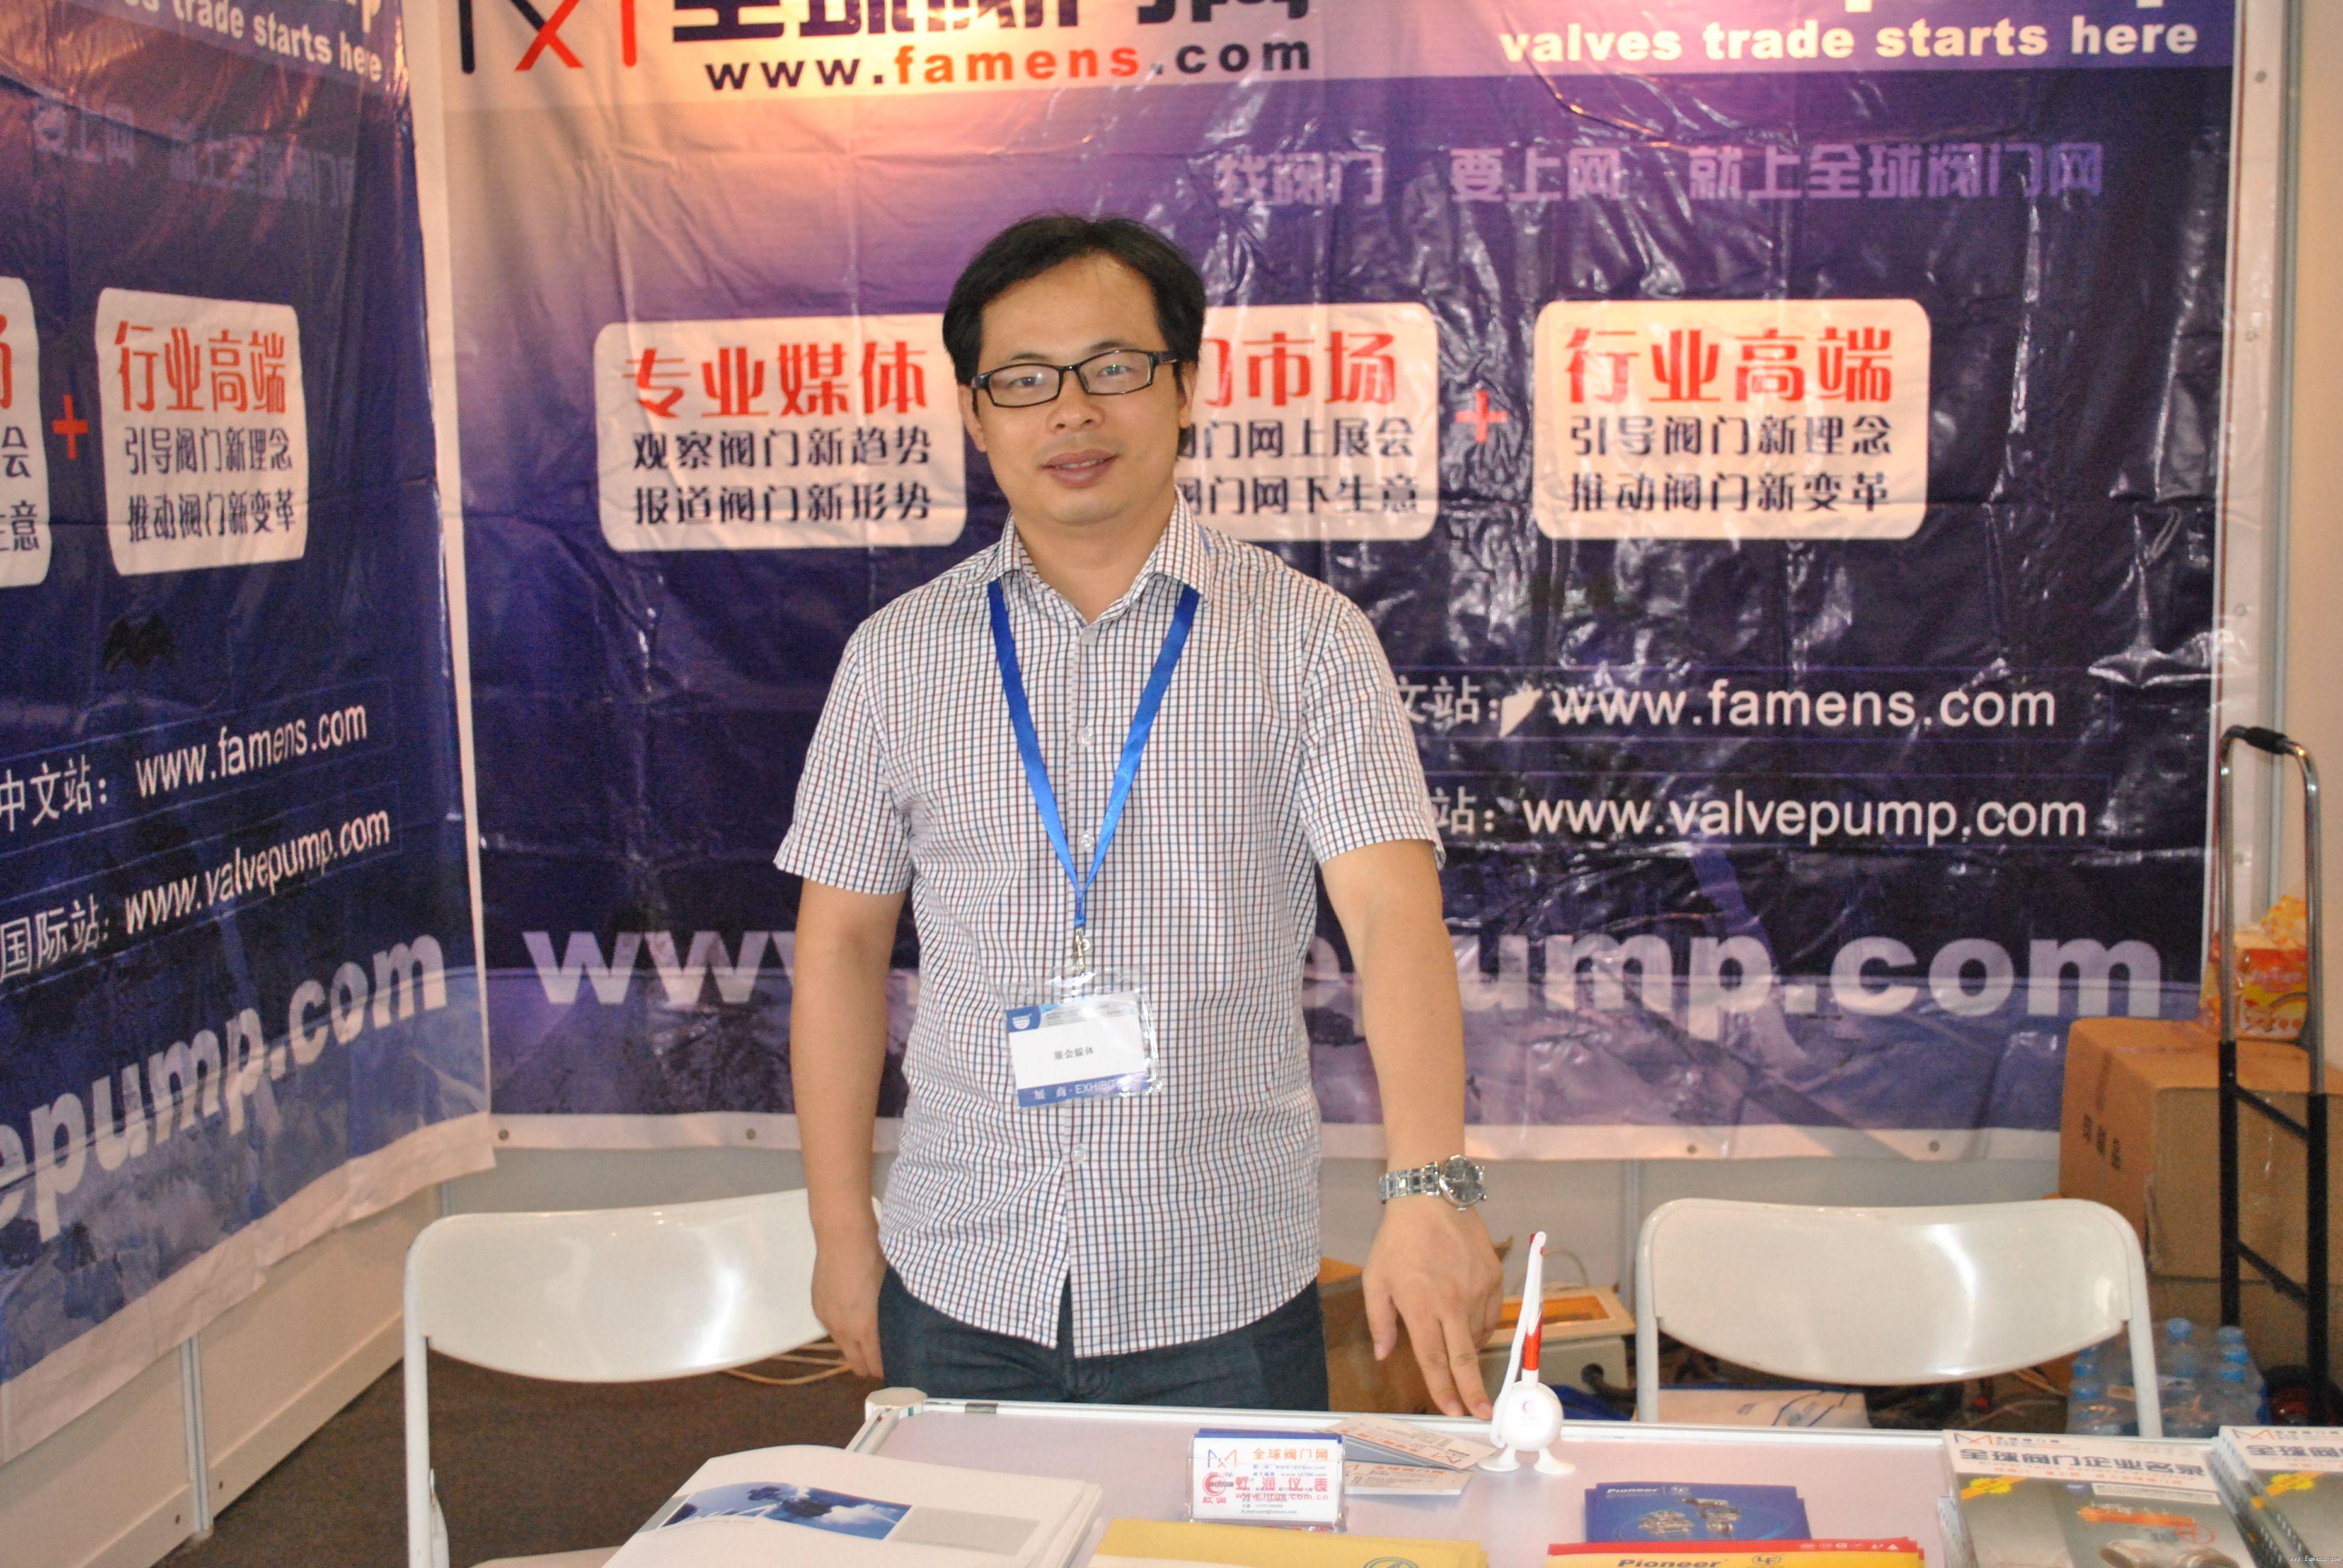 全球阀门网参加第二十三届多国仪器仪表学术会议暨展览会